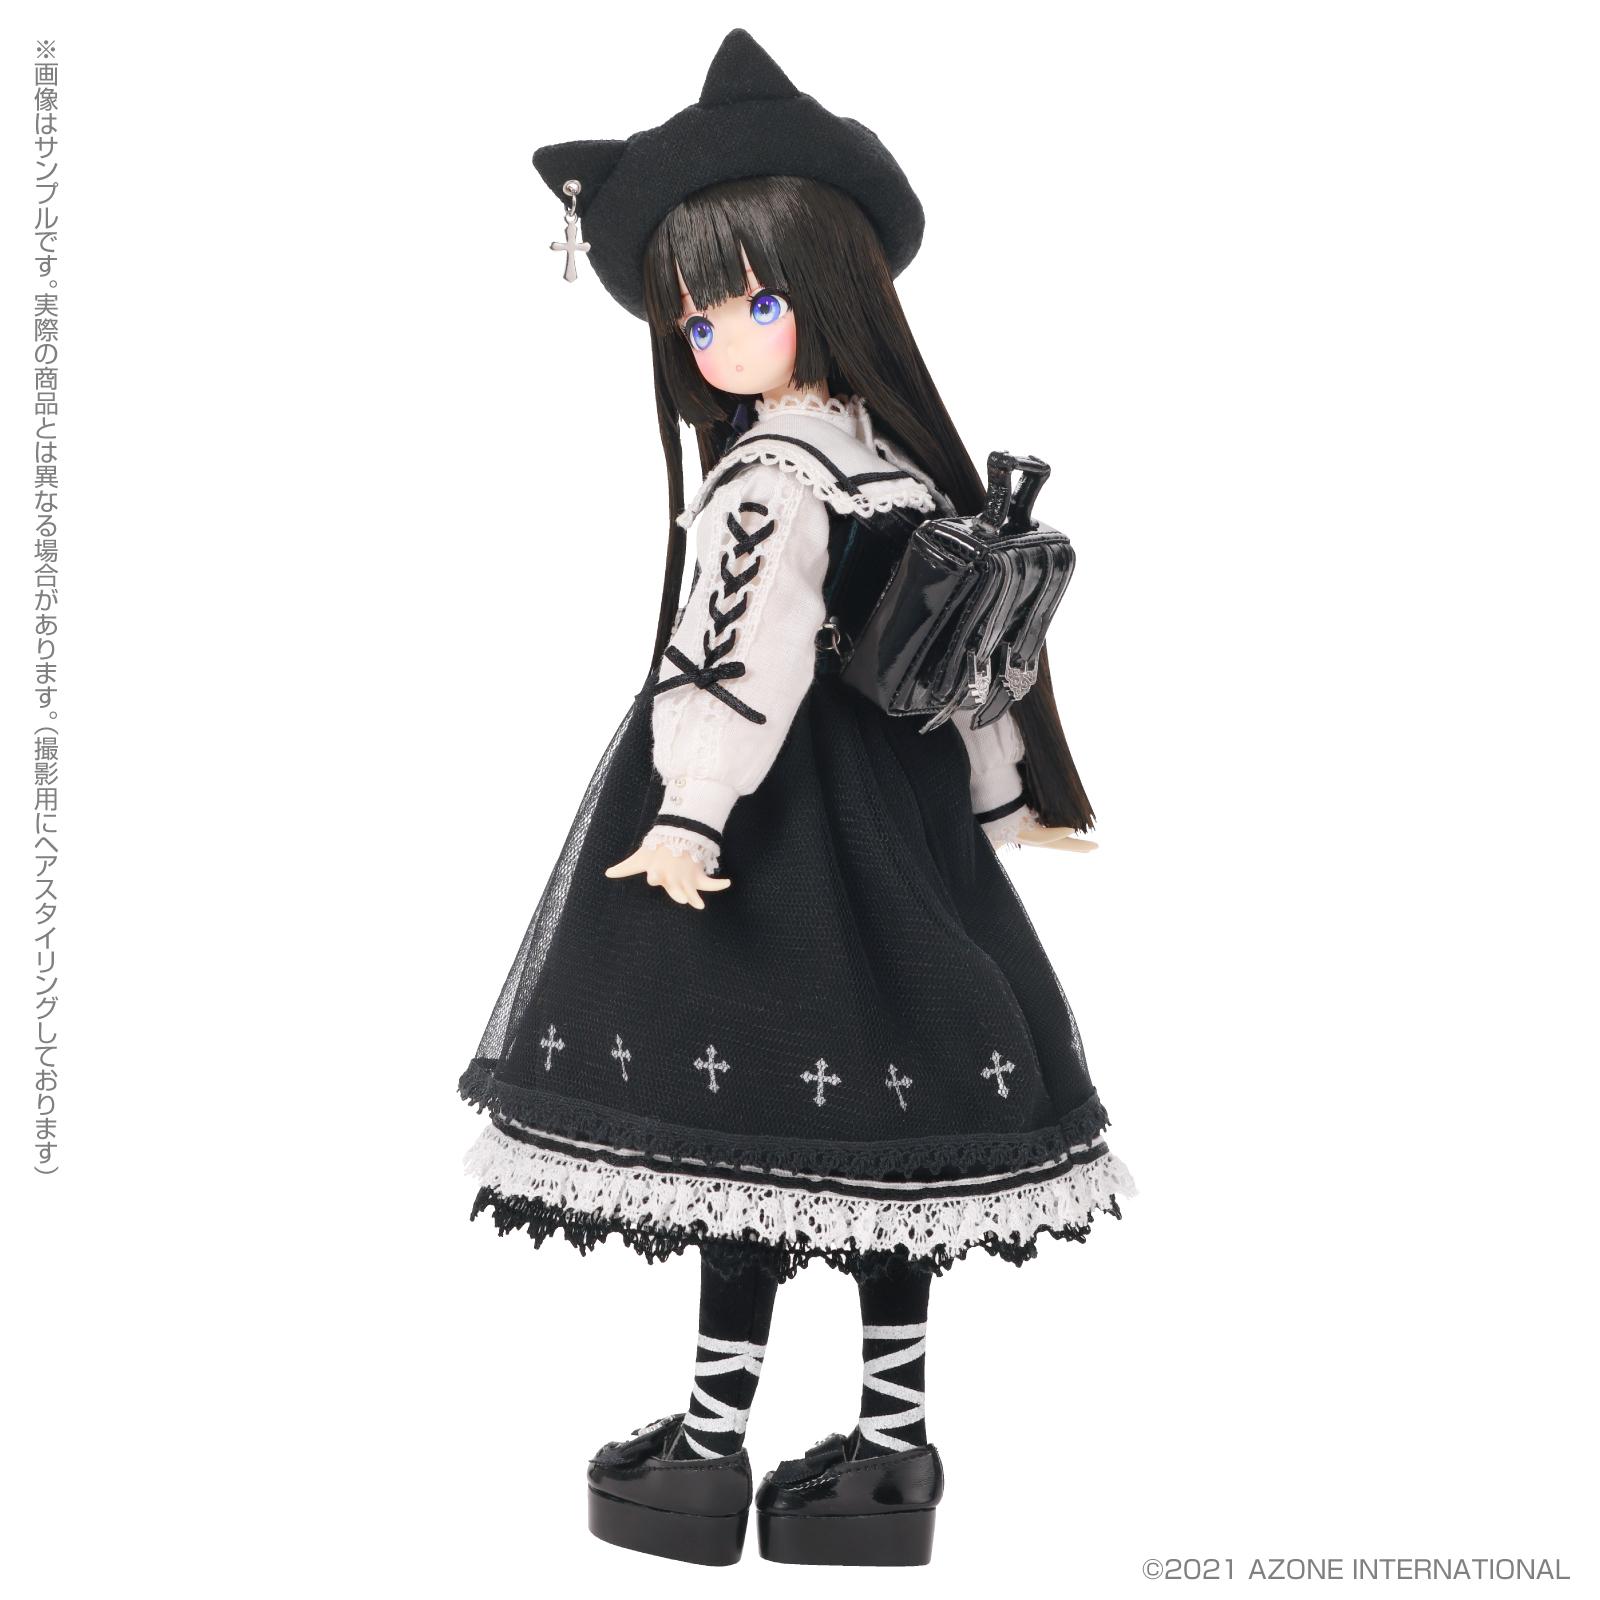 ルミナス*ストリート『みい/Mii ~Cat walking path~(通常販売ver.)』Luminous*Street 1/6 完成品ドール-014